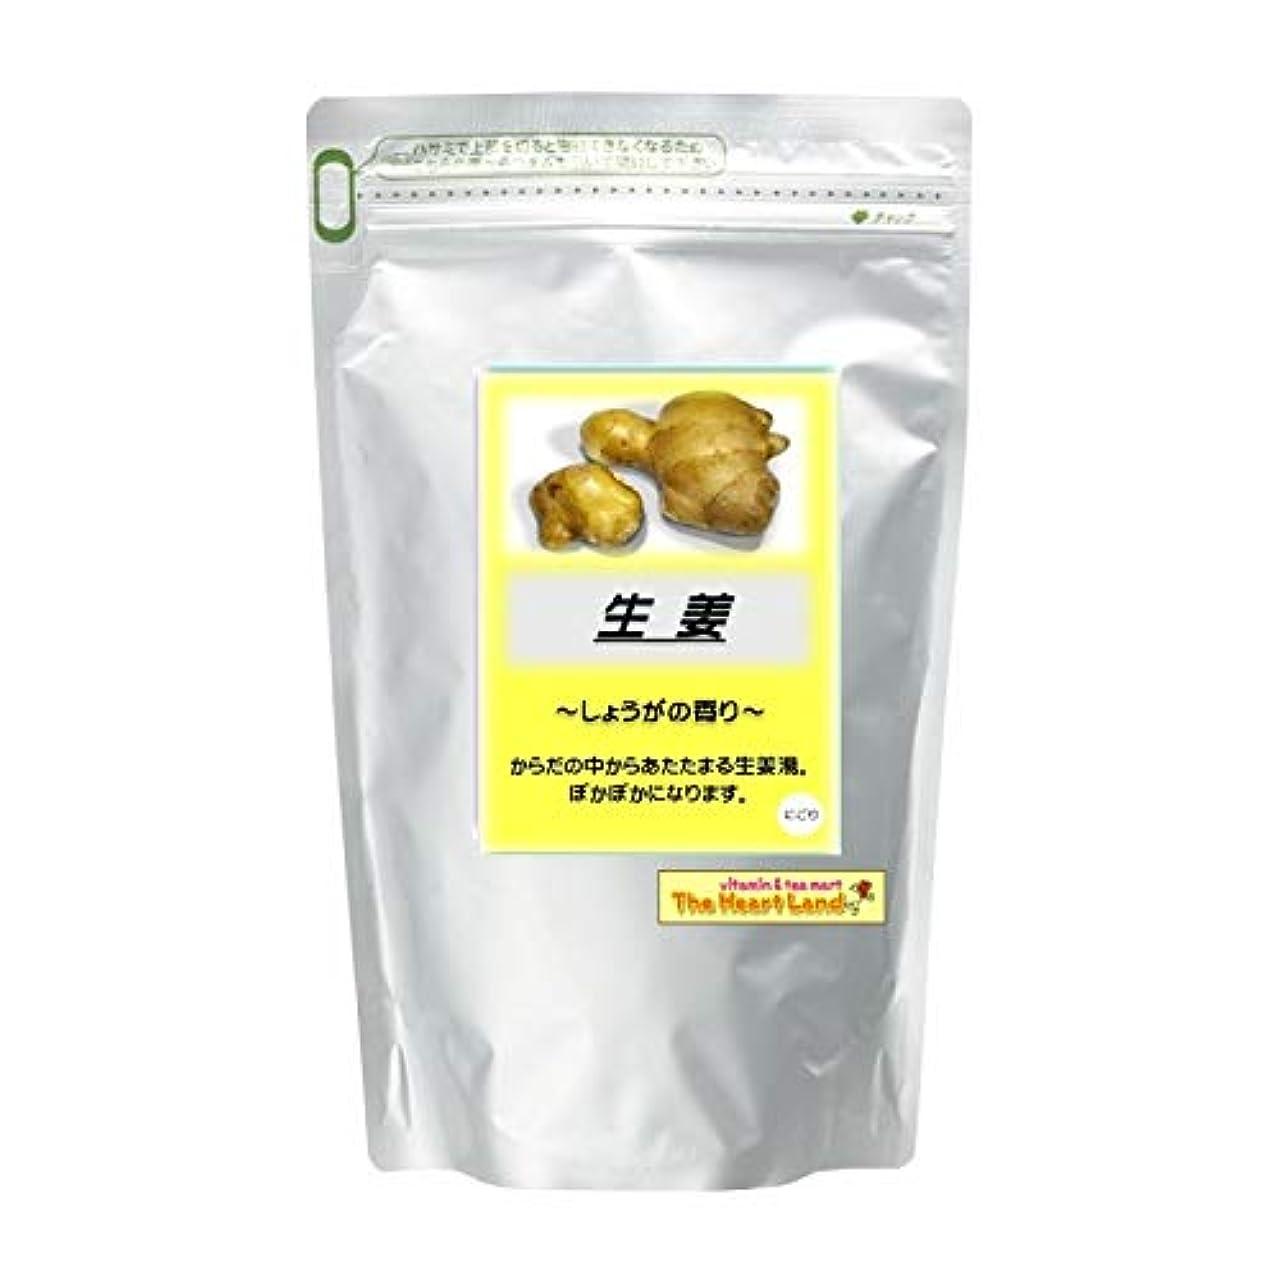 母ミキサー文言アサヒ入浴剤 浴用入浴化粧品 生姜 2.5kg